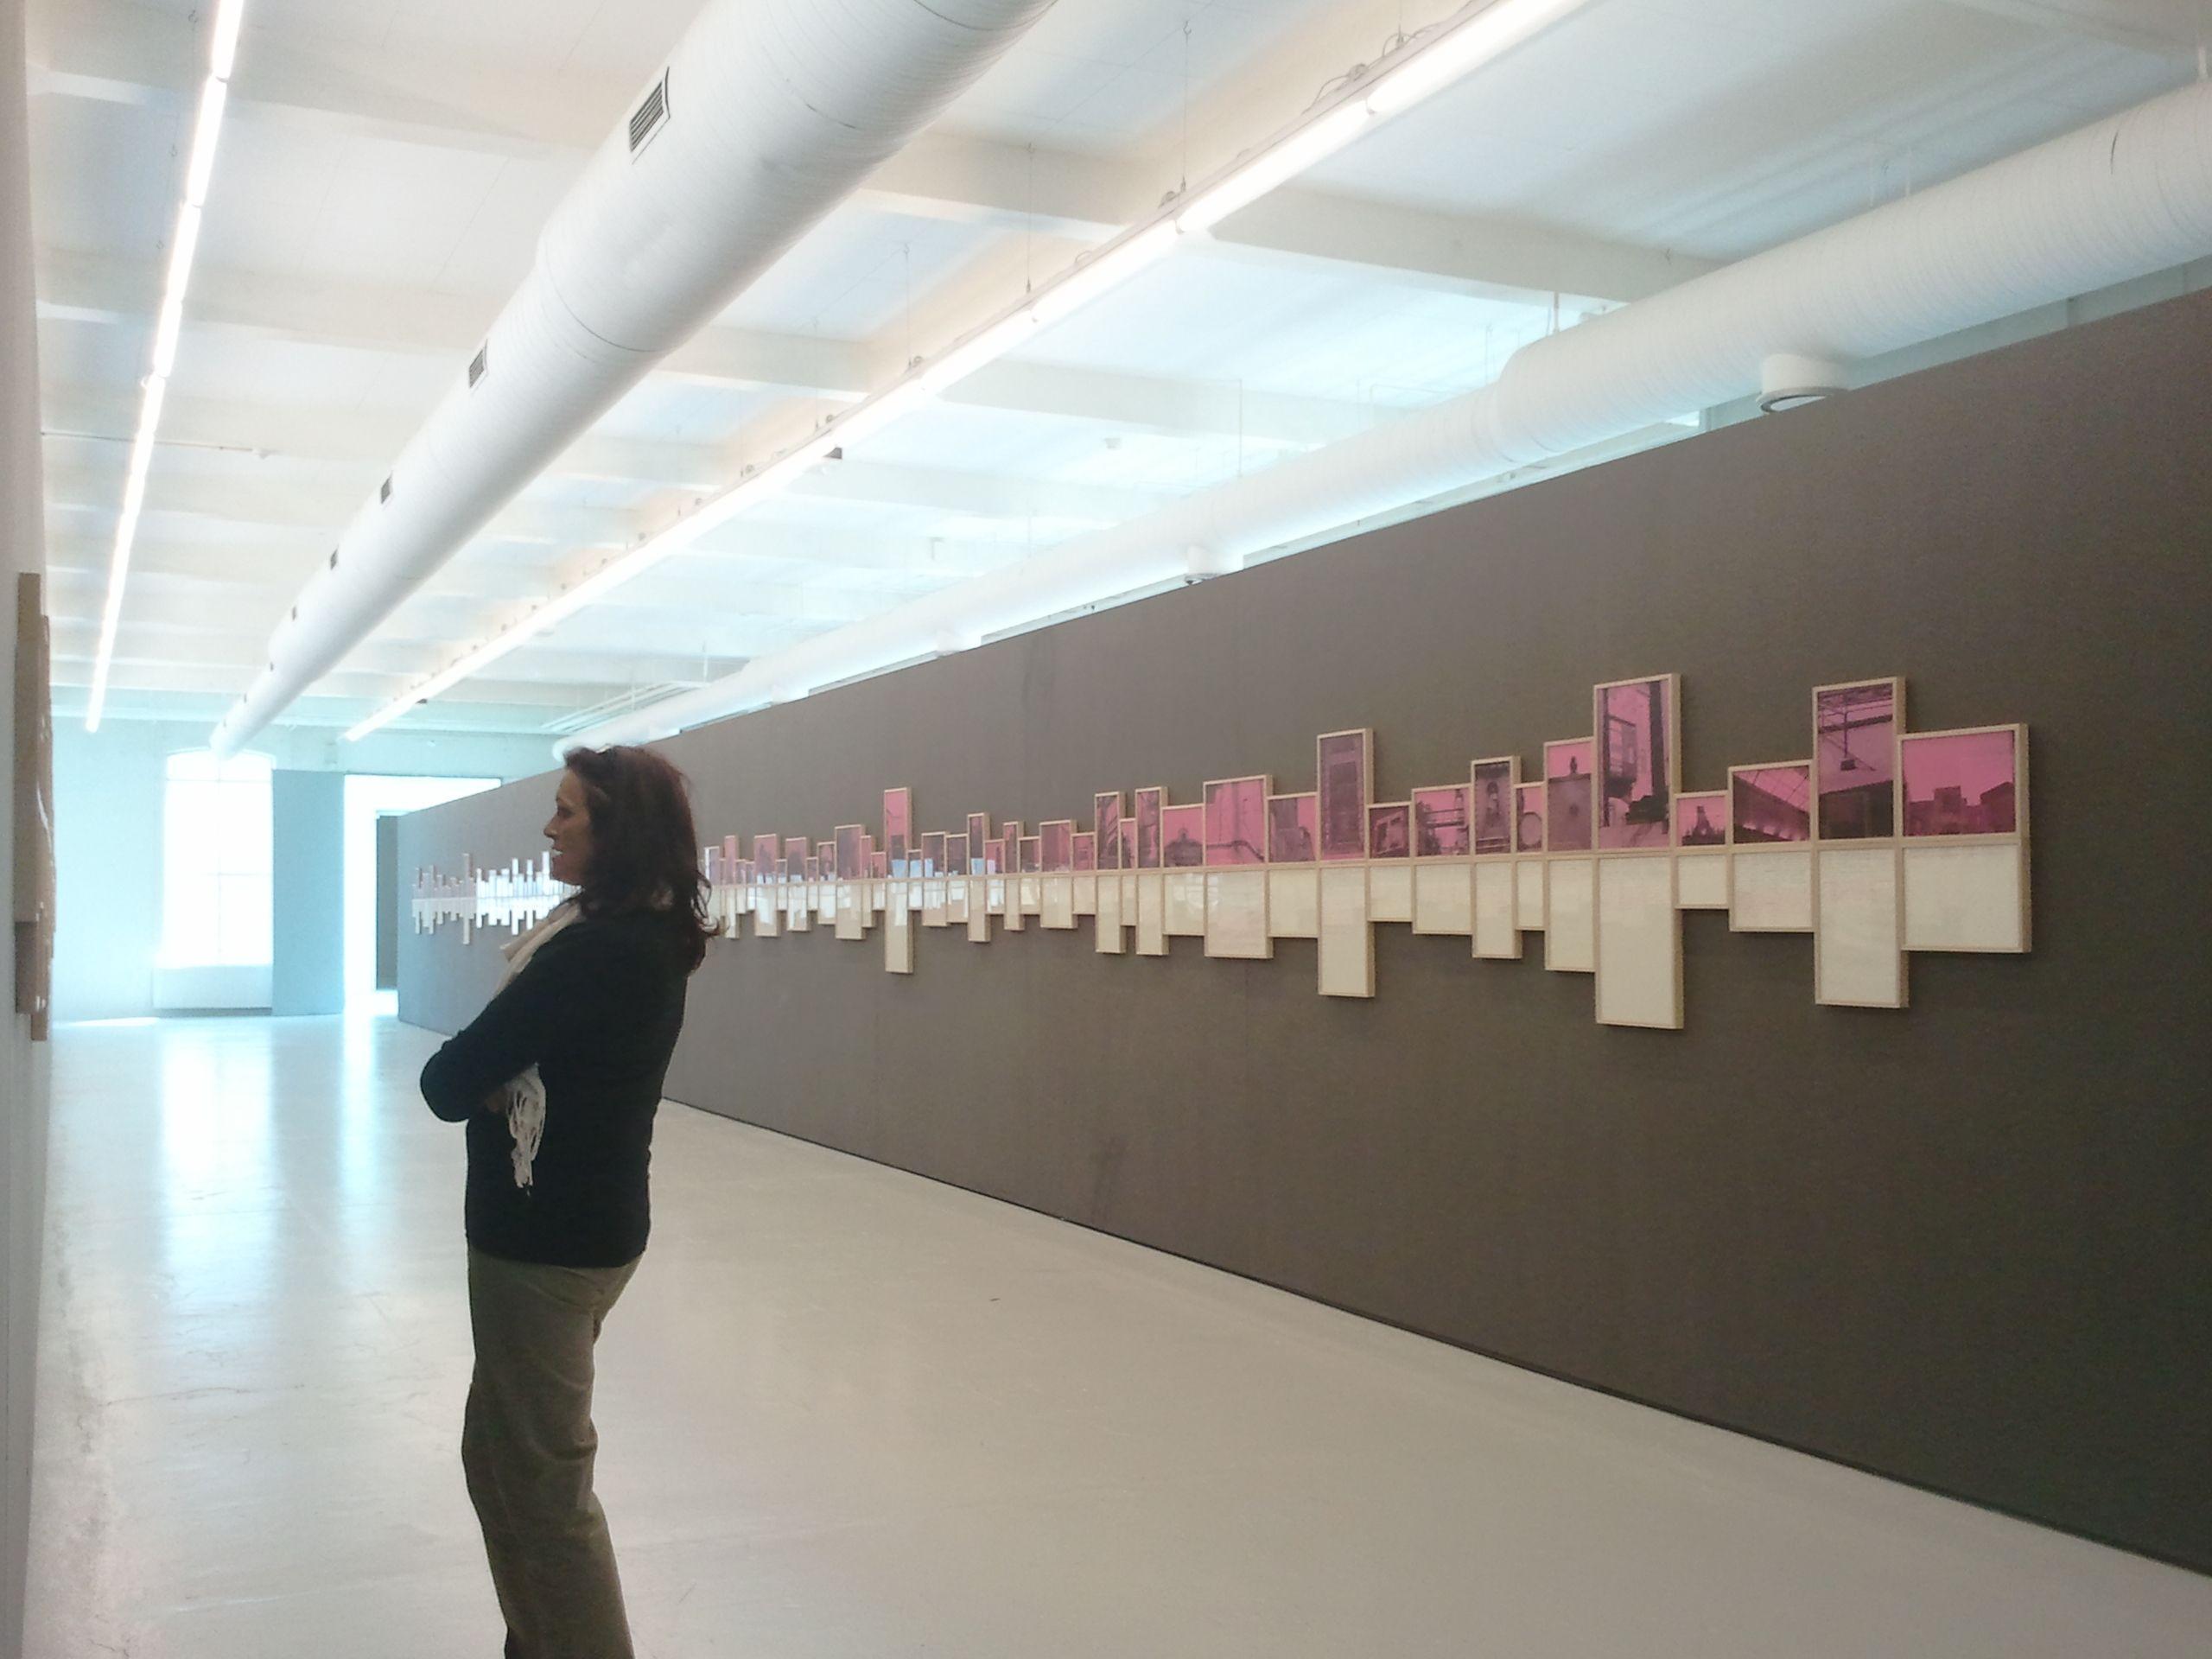 Amfiscenen, Brandts Kunstmuseum